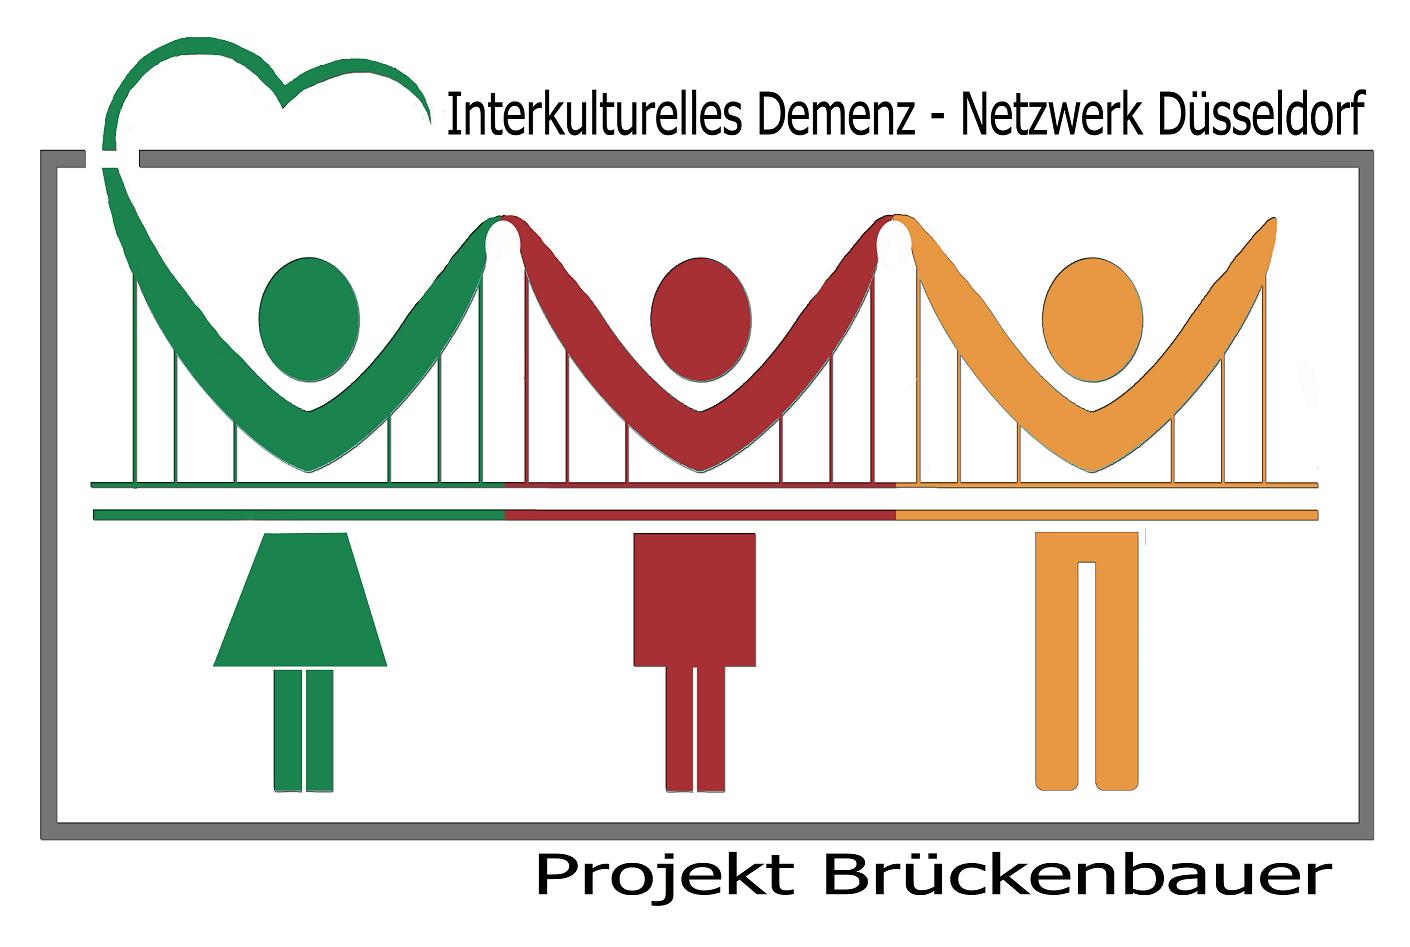 Brücken bauen – Ein Projekt des Interkulturellen Demenz-Netzwerkes Düsseldorf